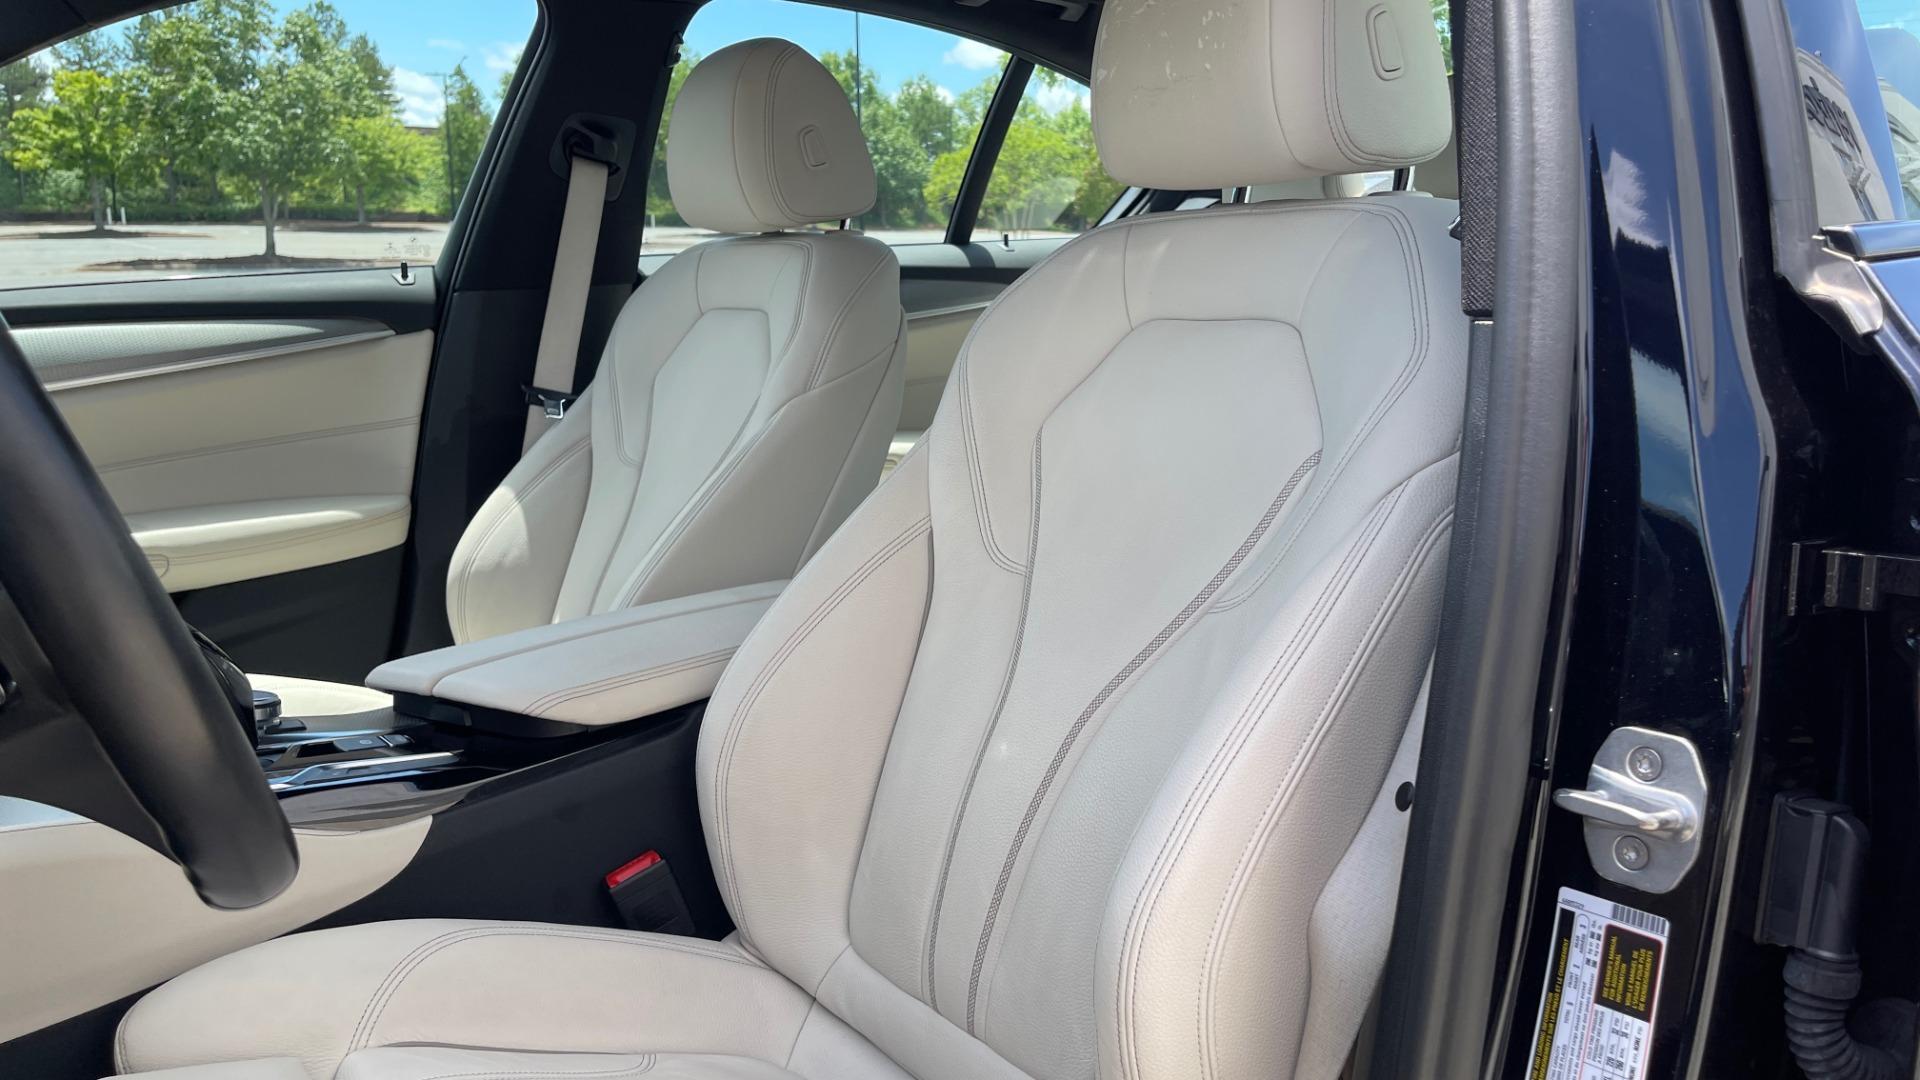 Used 2018 BMW 5 SERIES 540I M-SPORT / EXECUTIVE PKG / DRVR ASST PKG / BLIND SPOT / LANE DEPART for sale $40,995 at Formula Imports in Charlotte NC 28227 36